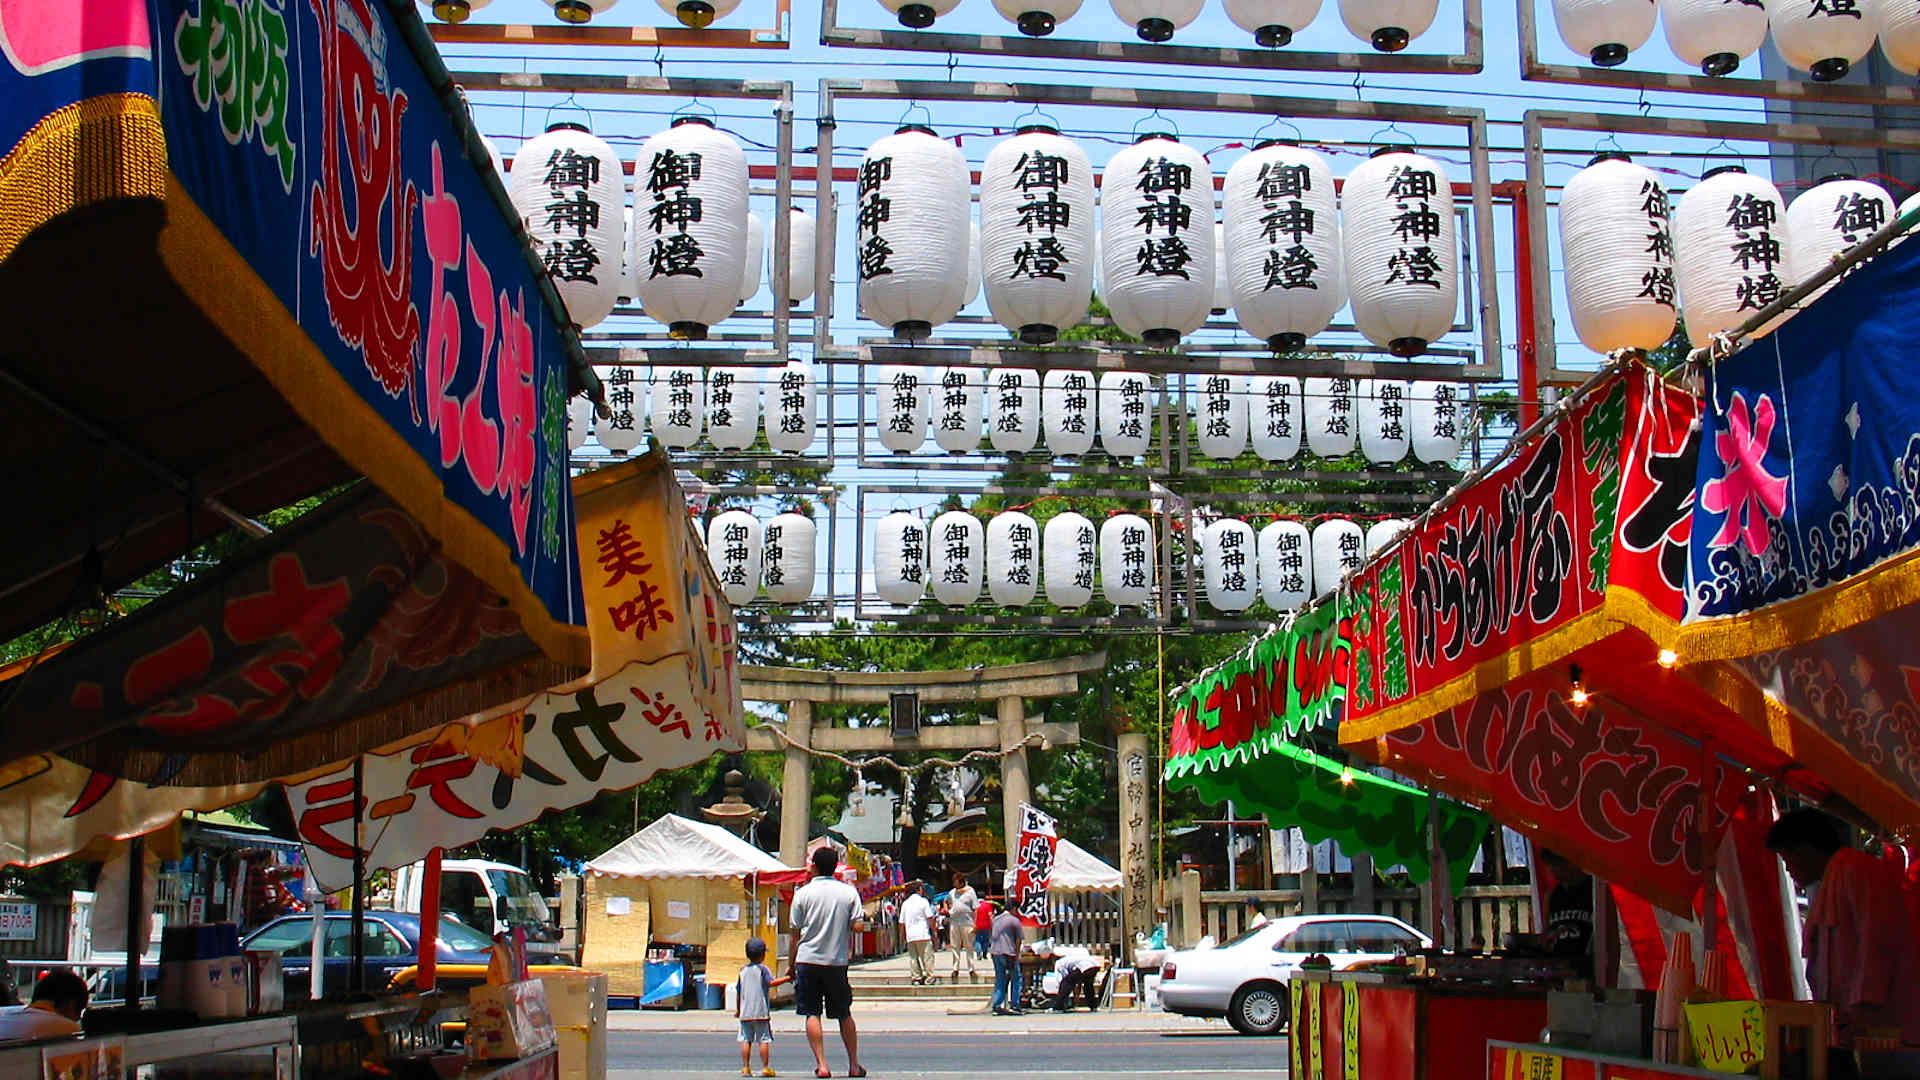 海神社夏祭り2017 茅の輪くぐりと万燈祭